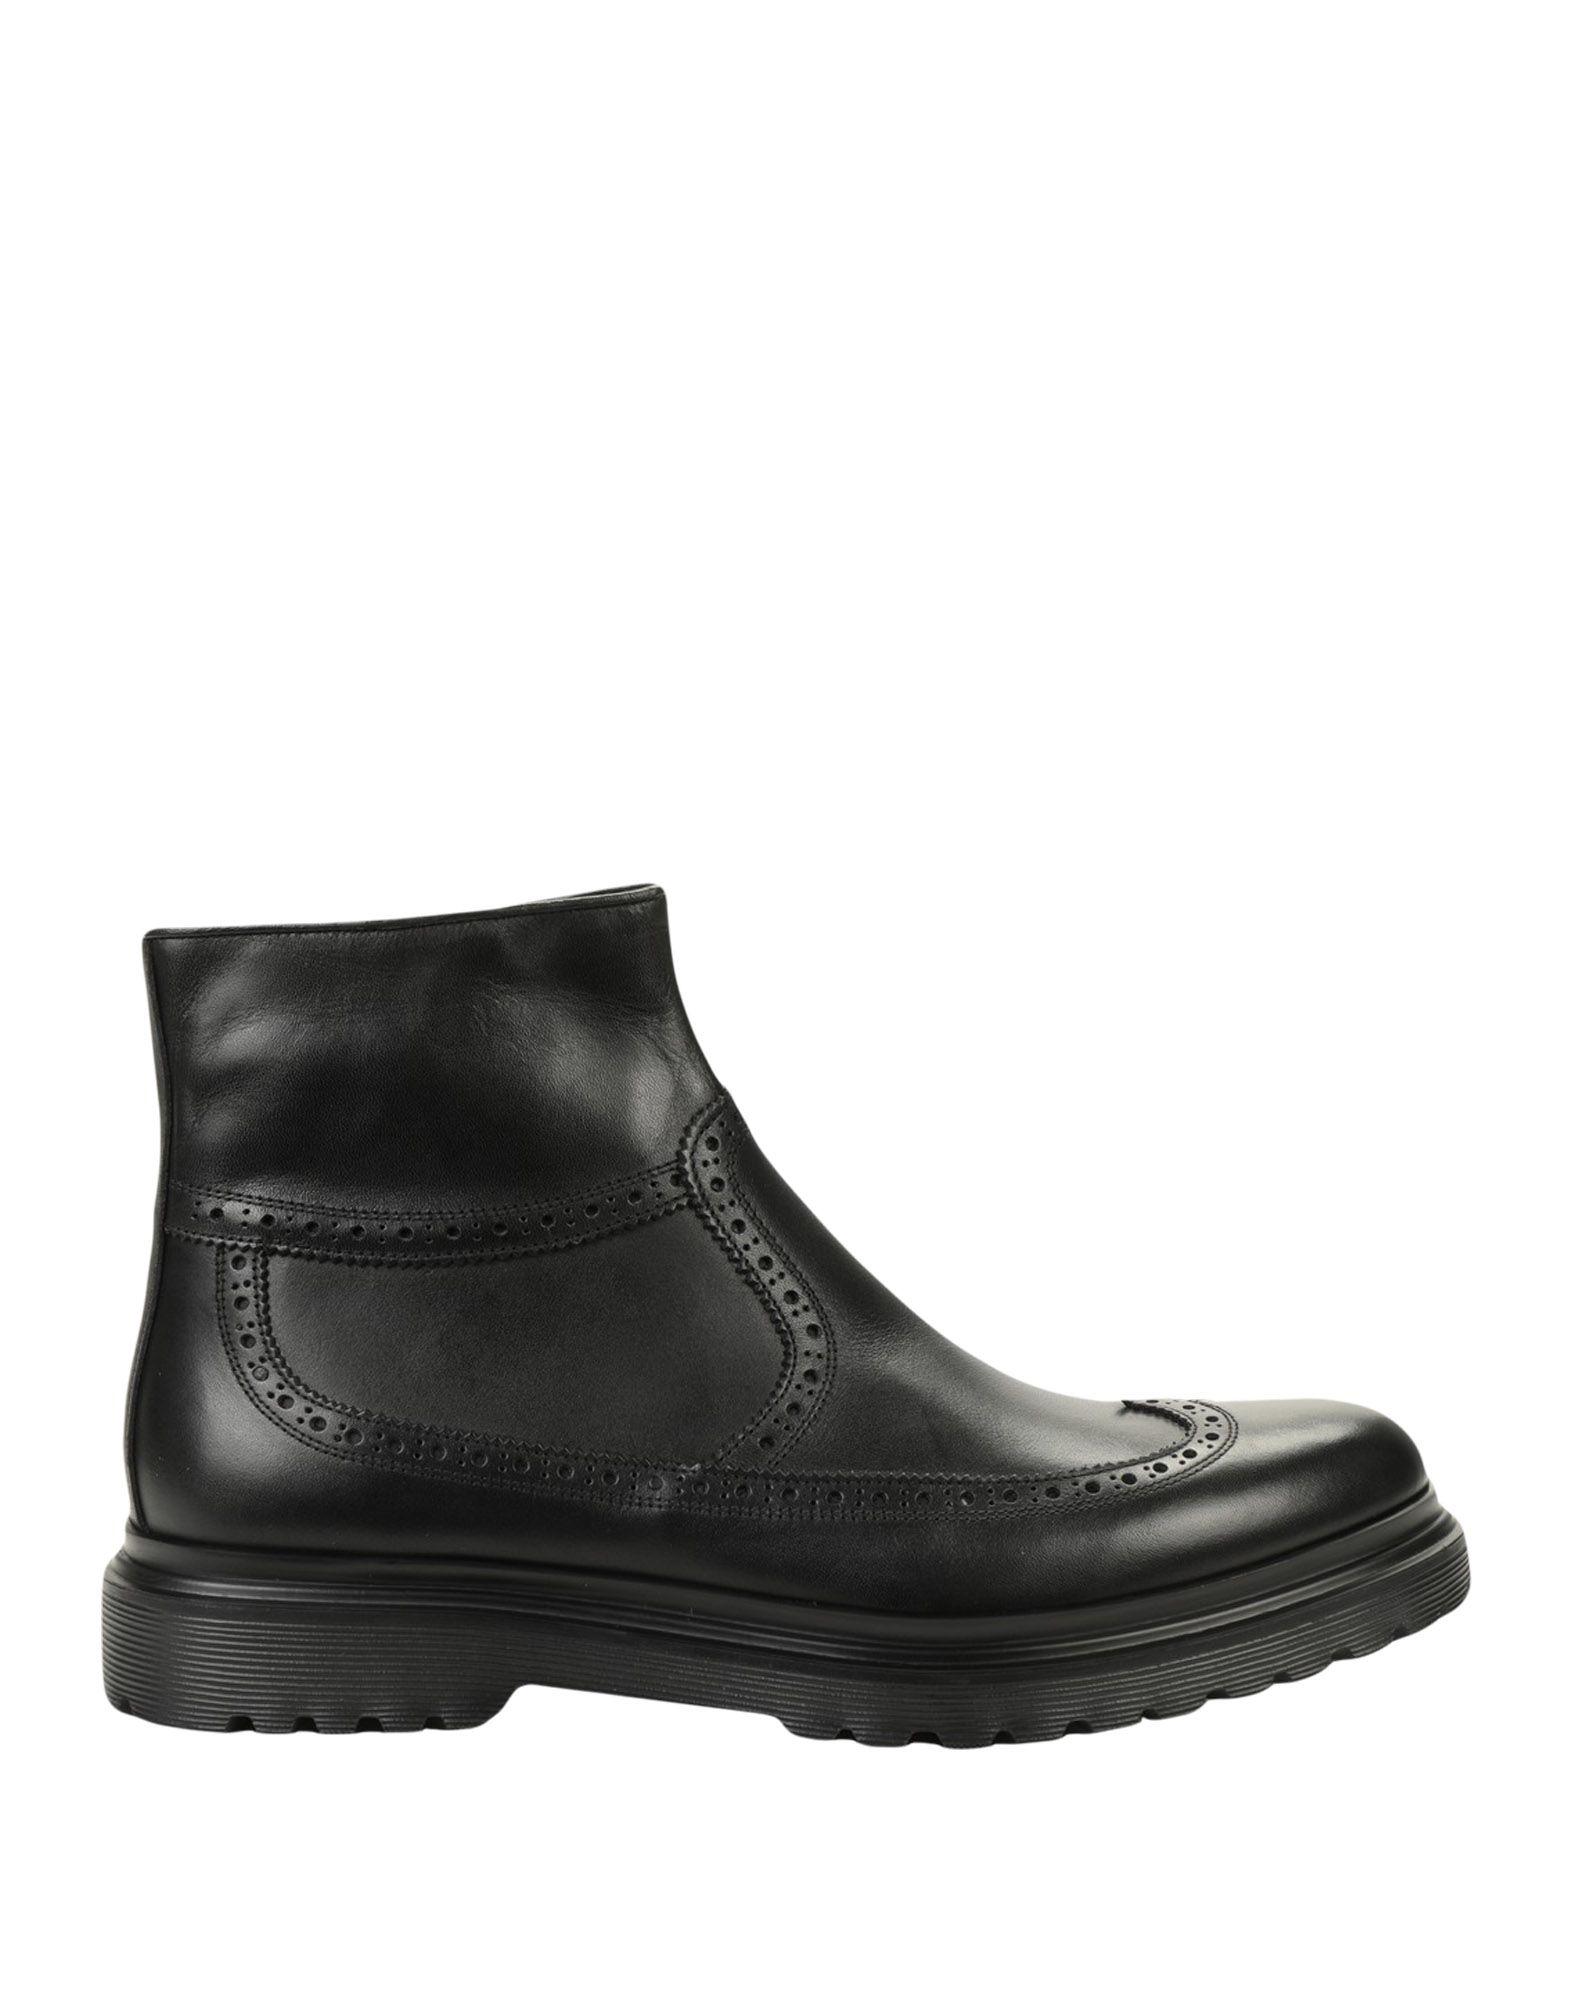 Maldini Stiefelette Herren  11538103JN Gute Qualität beliebte Schuhe